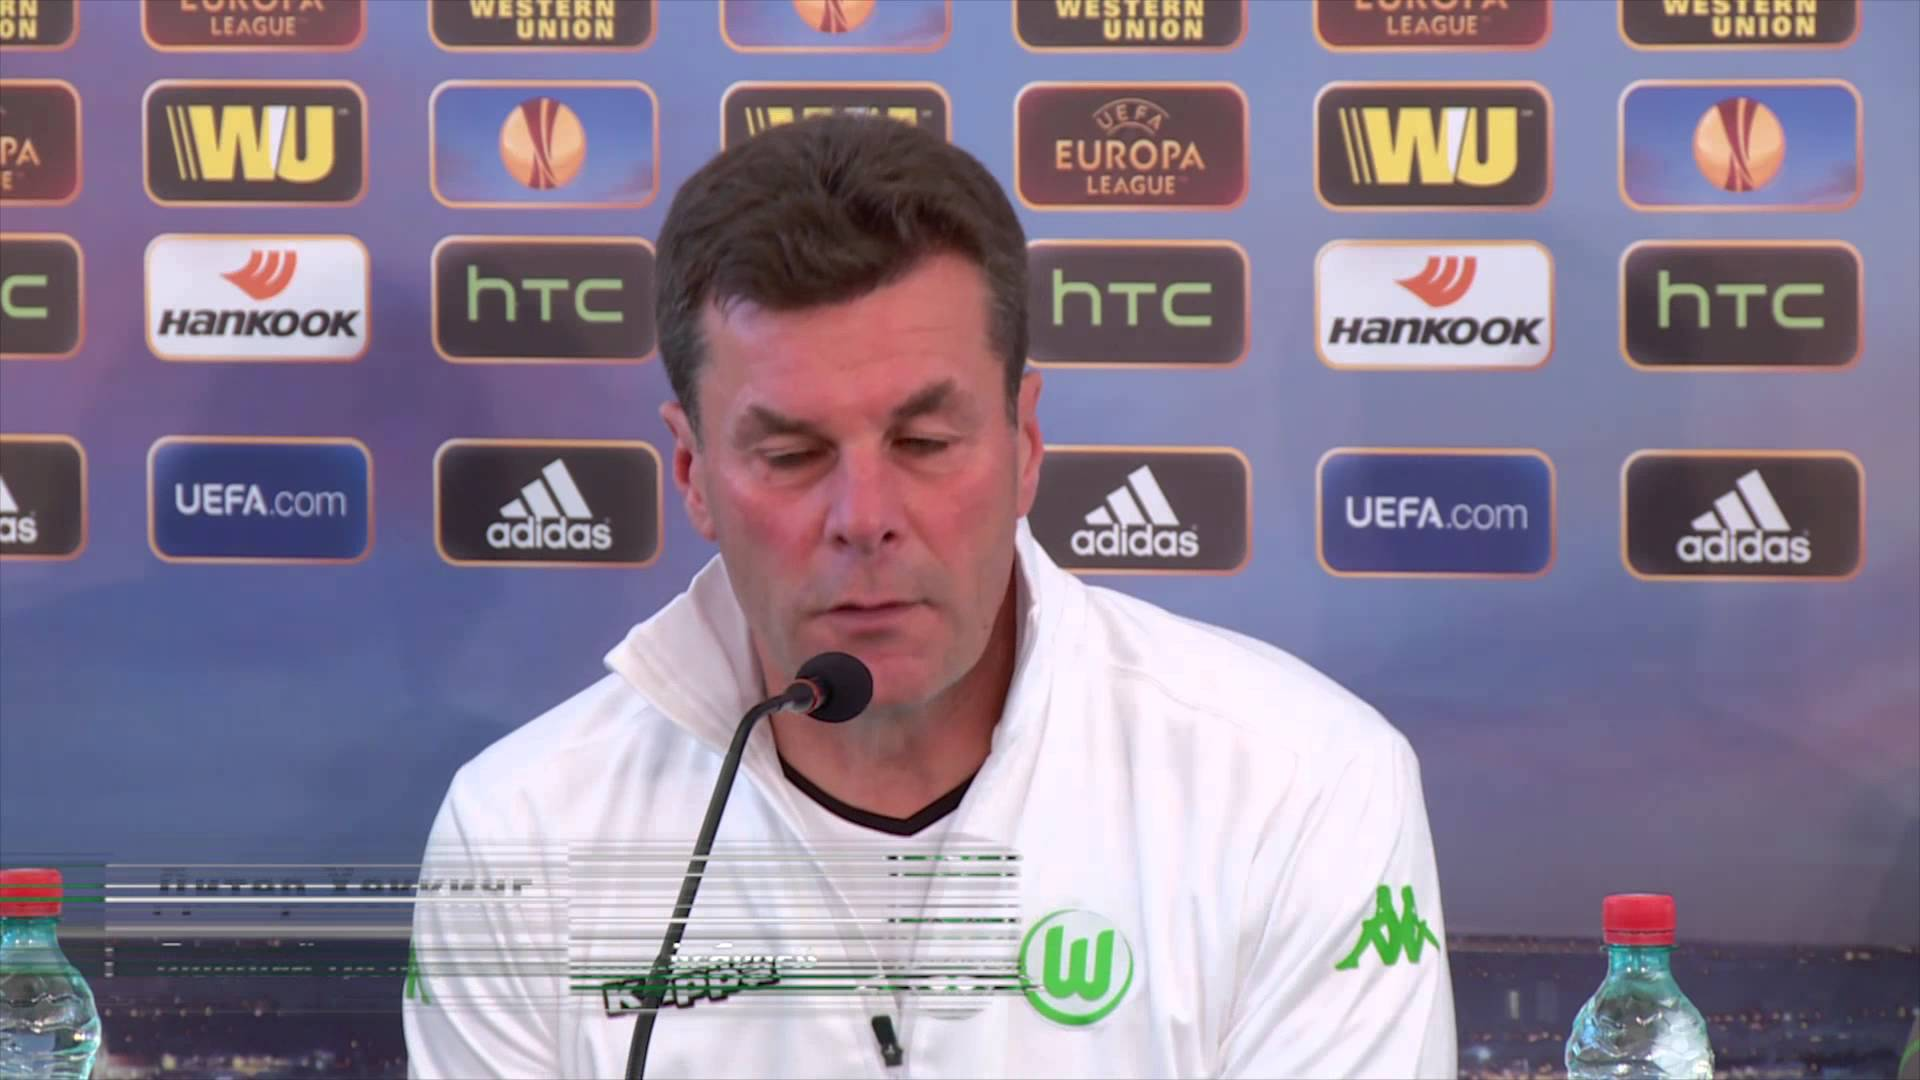 Пресс-конференция Дитера Хеккинга и Ивицы Олича («Вольфсбург») накануне матча с «Краснодаром»